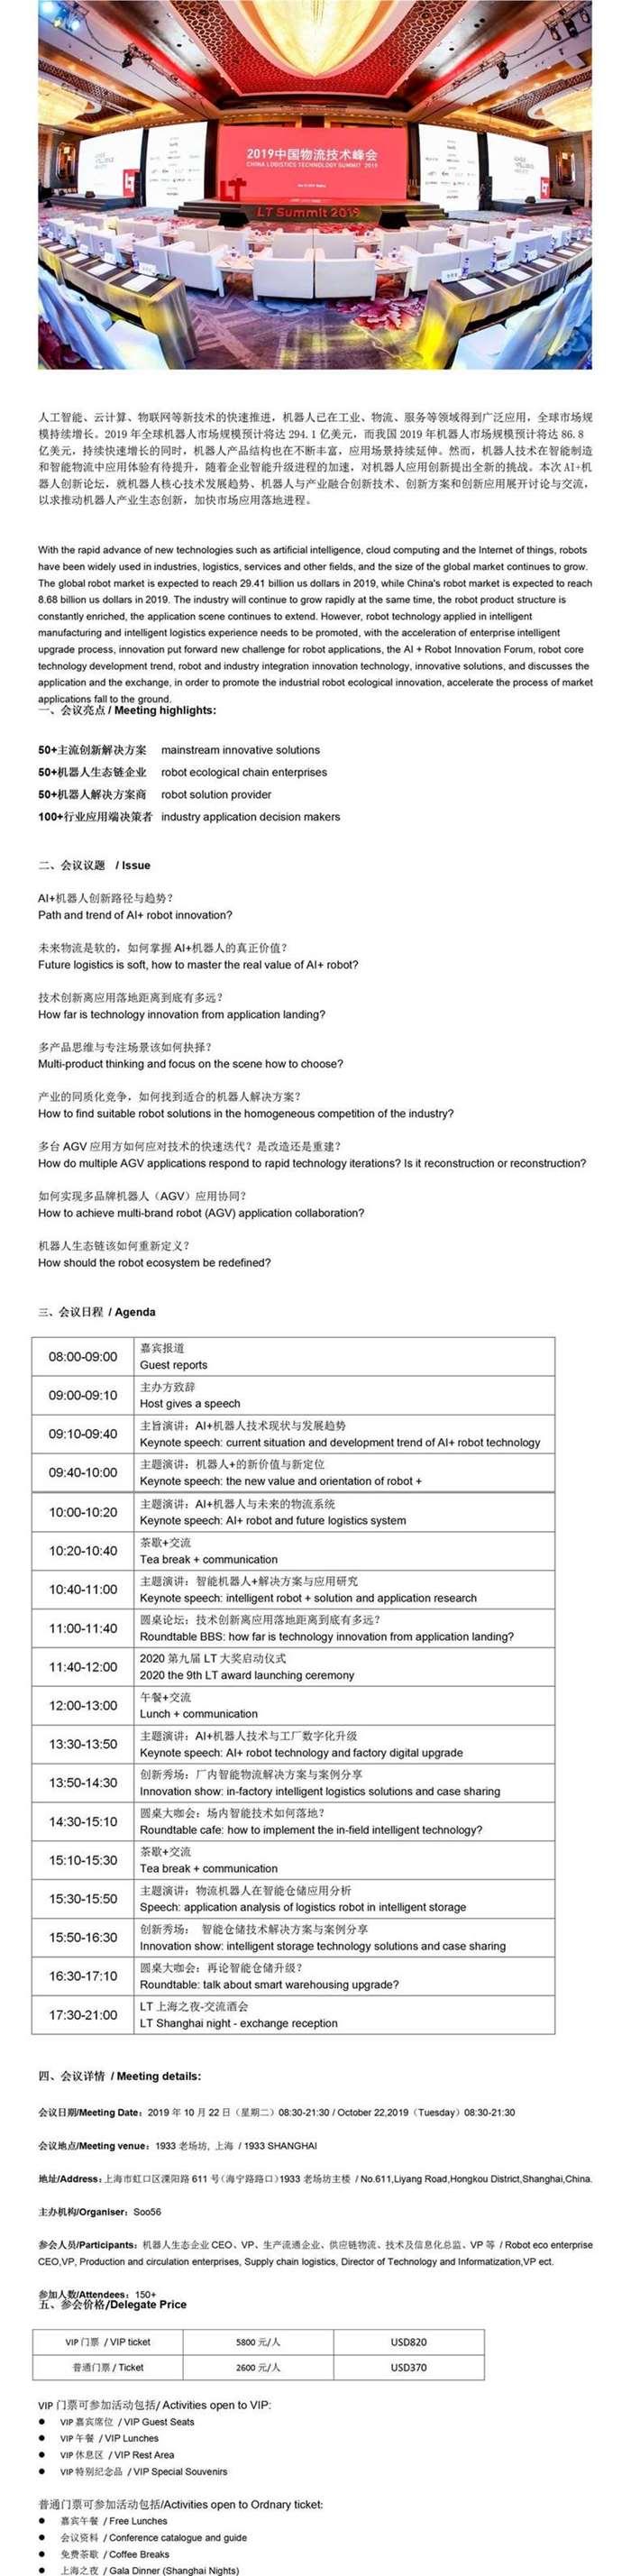 2019AI+机器人创新论坛相关文案-昭雪 思琪 赵乐(4).jpg